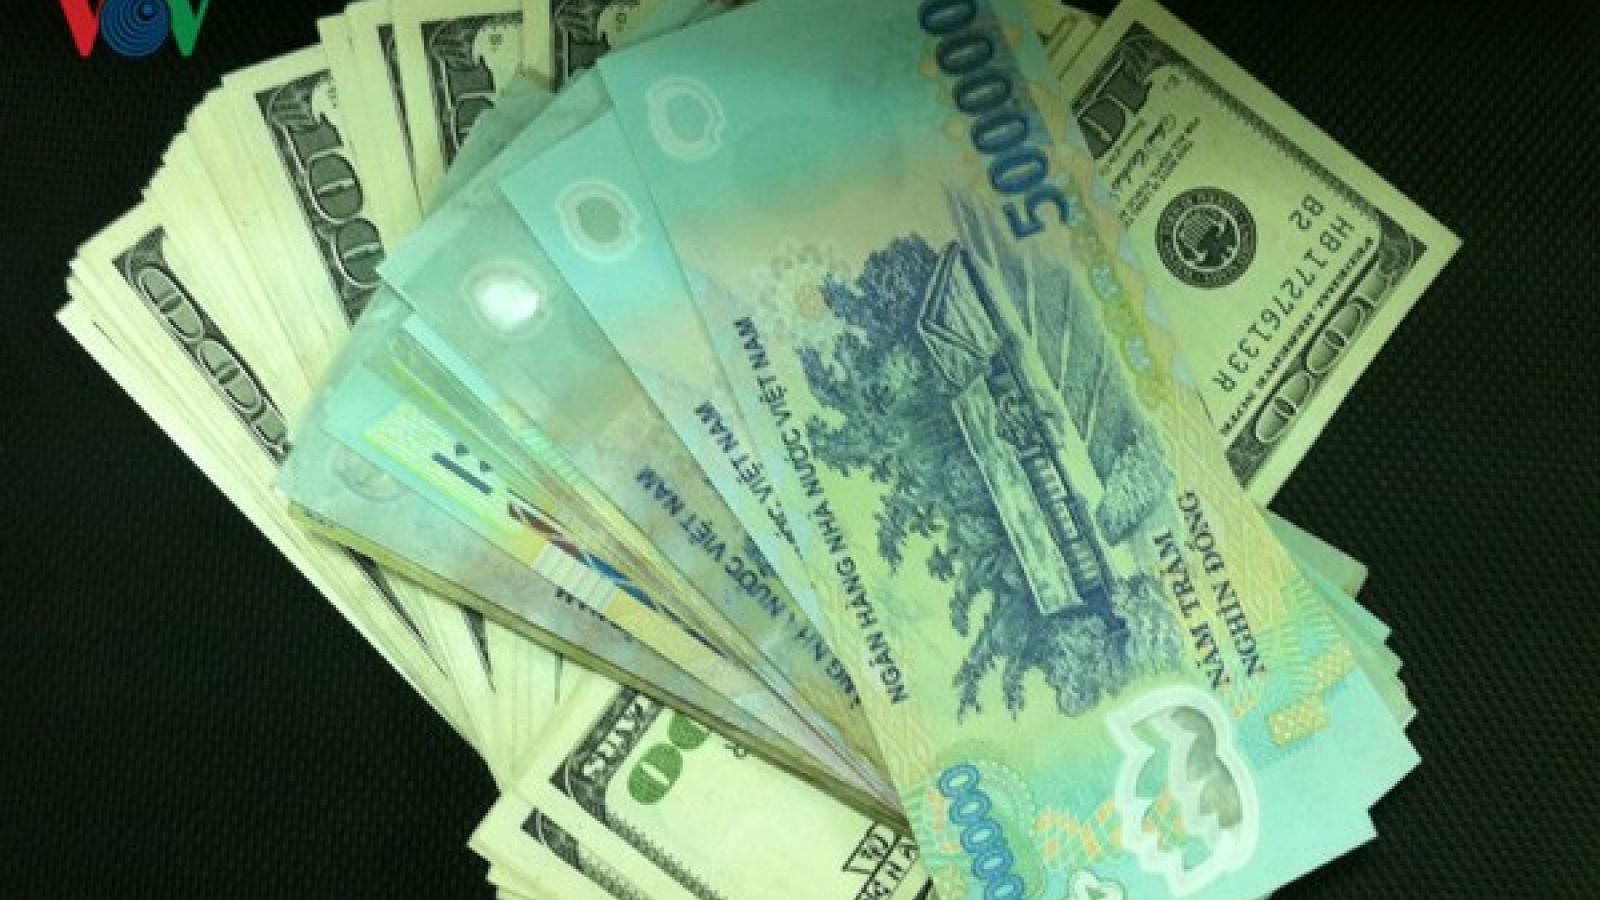 Giá bán ngoại tệ tiếp tục ổn định trong ngày đầu tháng